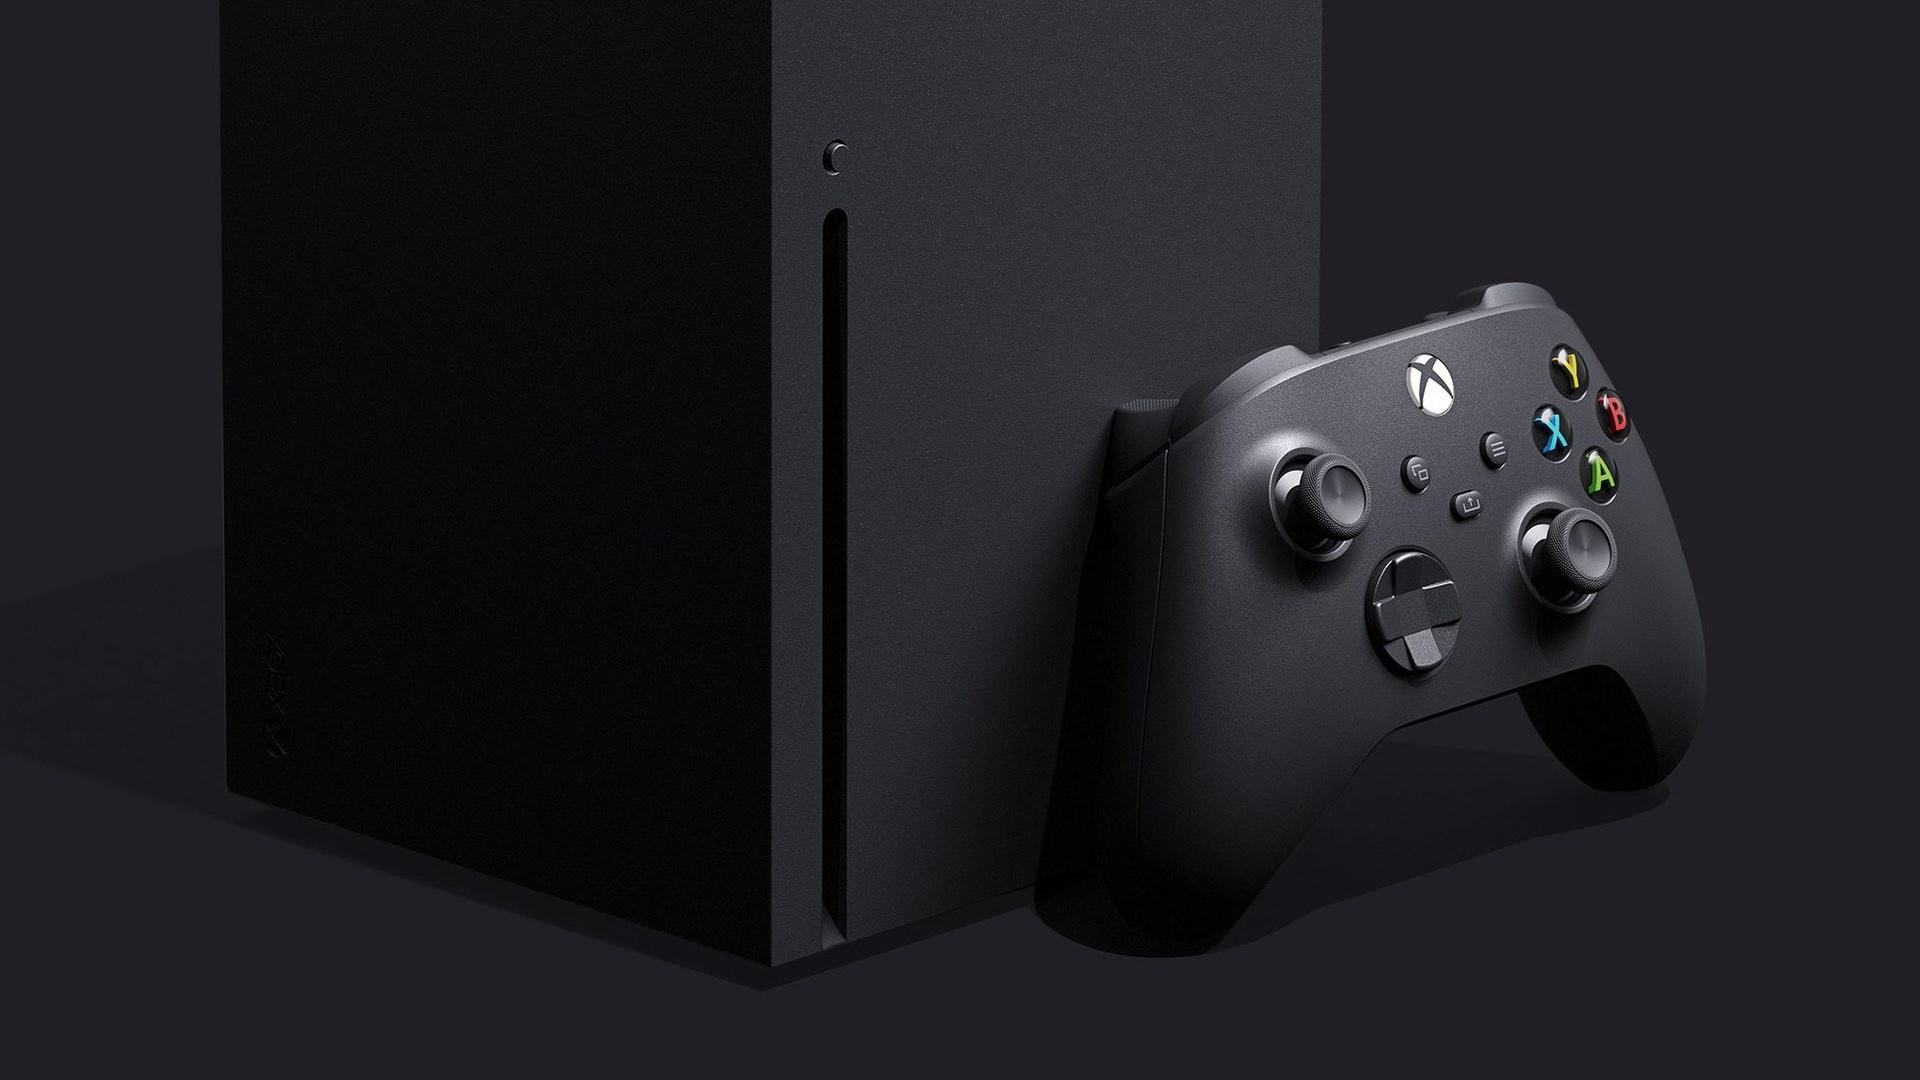 Xbox Series Xбудет полностью поддерживать игры для прошлых консолей Xbox